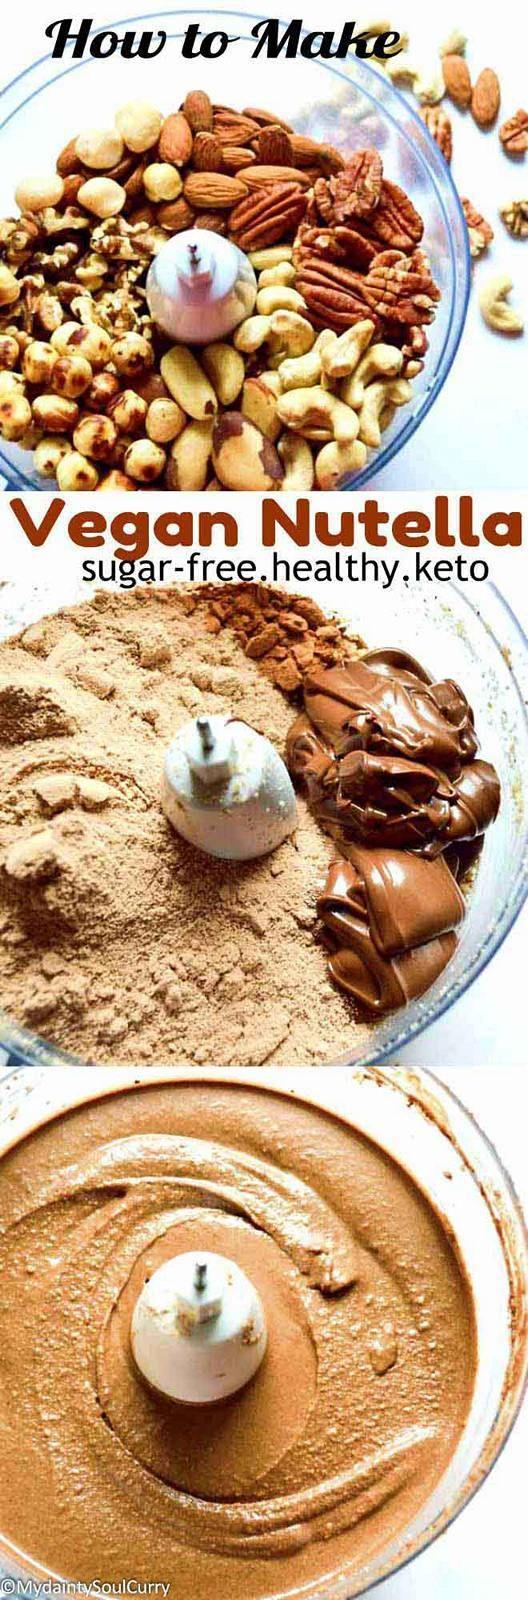 mixed nuts sugar-free nutella #vegan #healthy